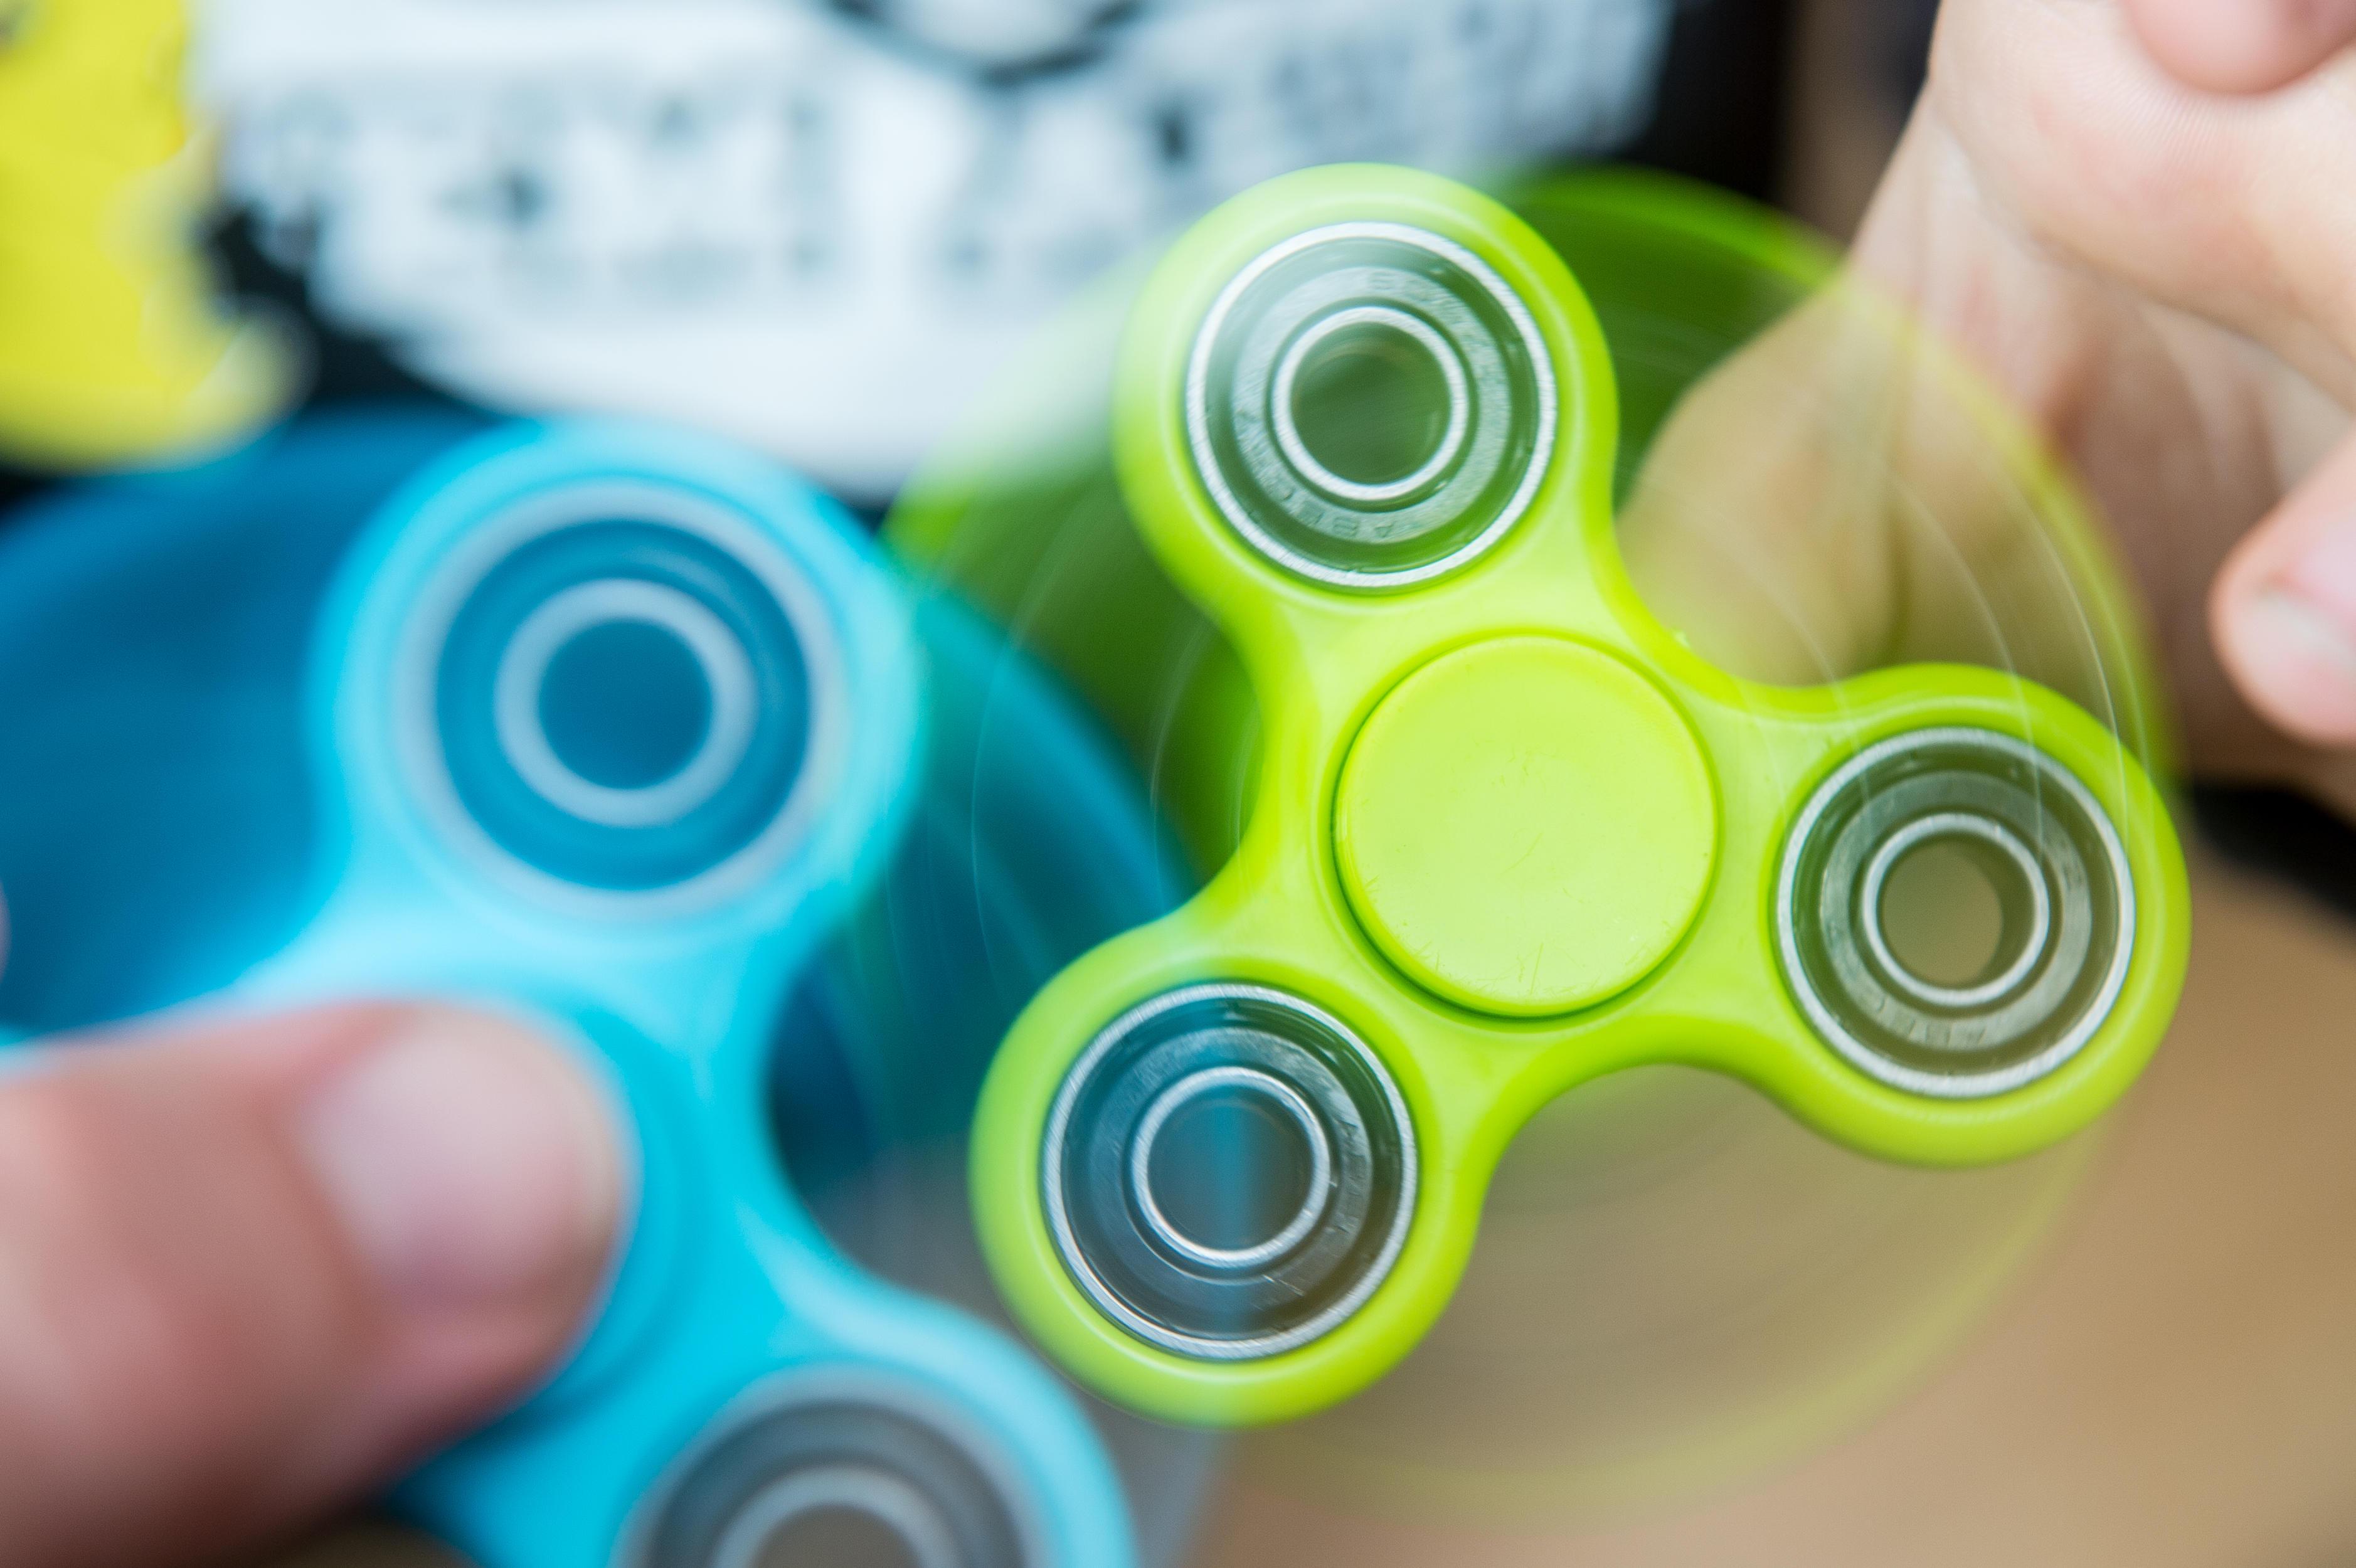 Benarkah Fidget Spinner Dapat Membantu Atasi ADHD dan Kecemasan?